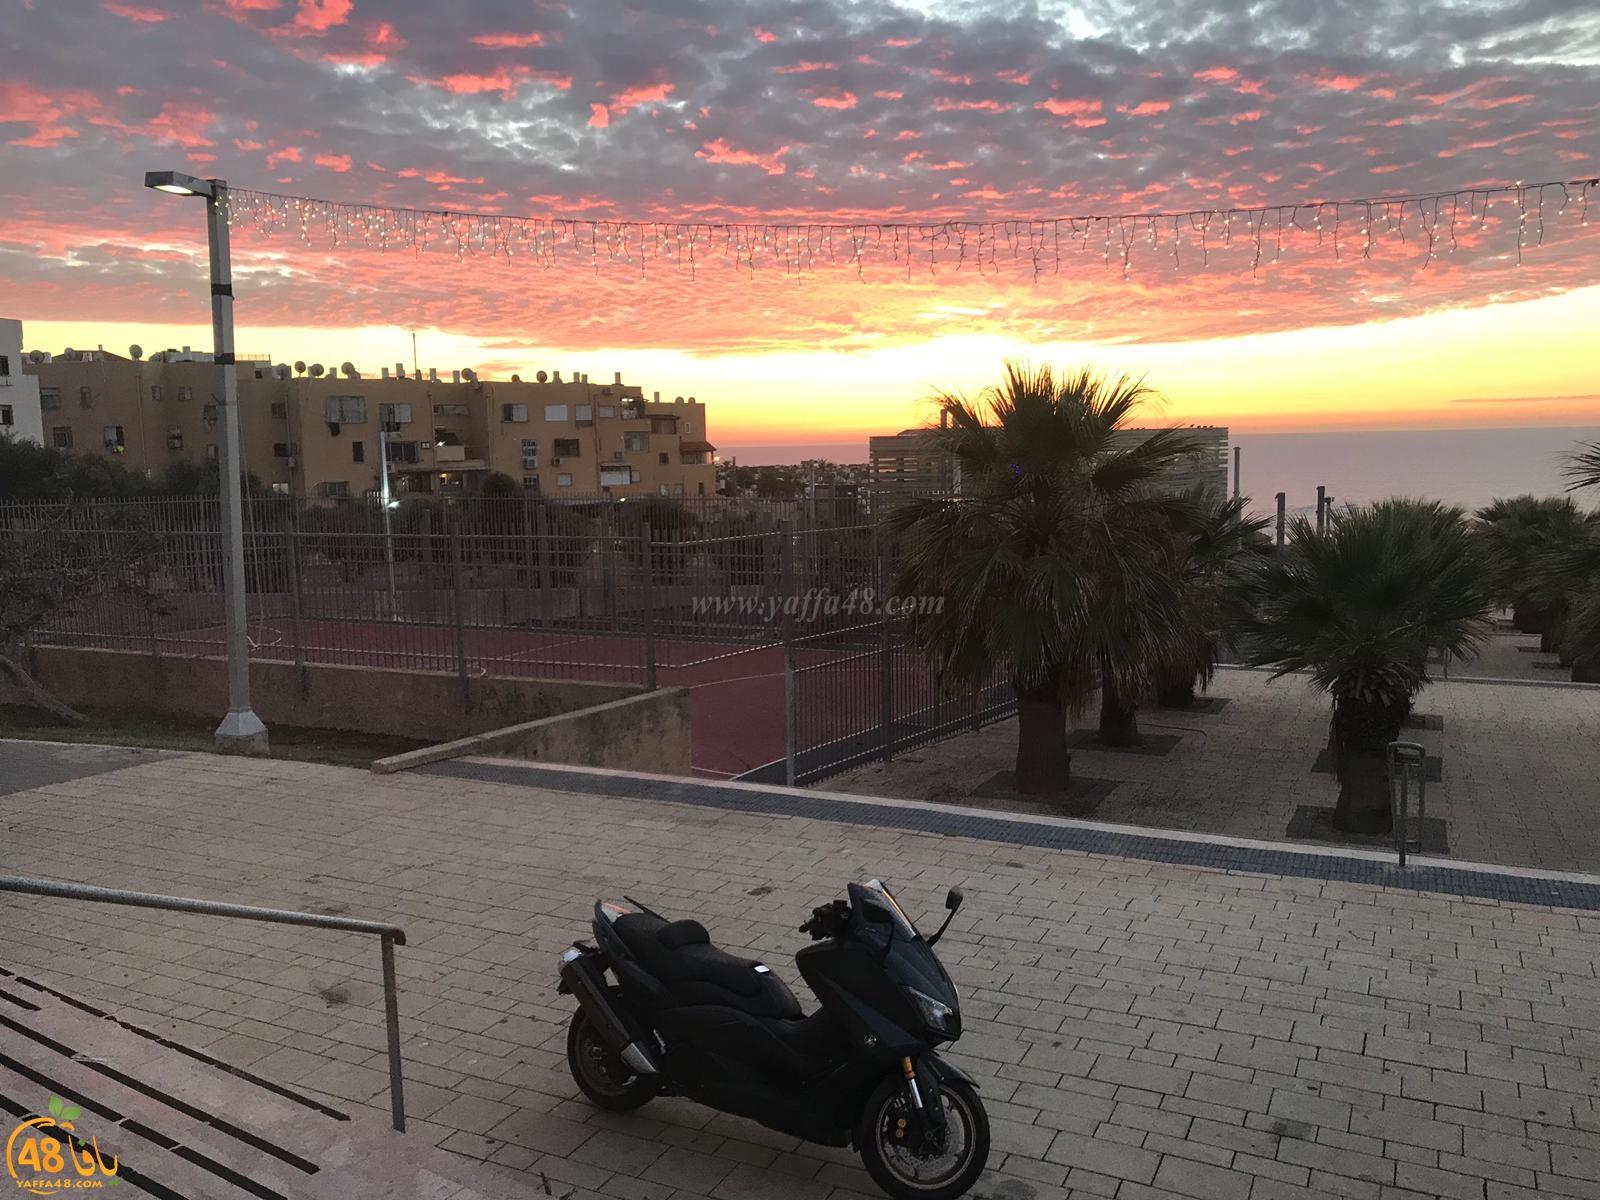 صورتي الأجمل - صور رائعة لغروب الشمس في مدينة يافا